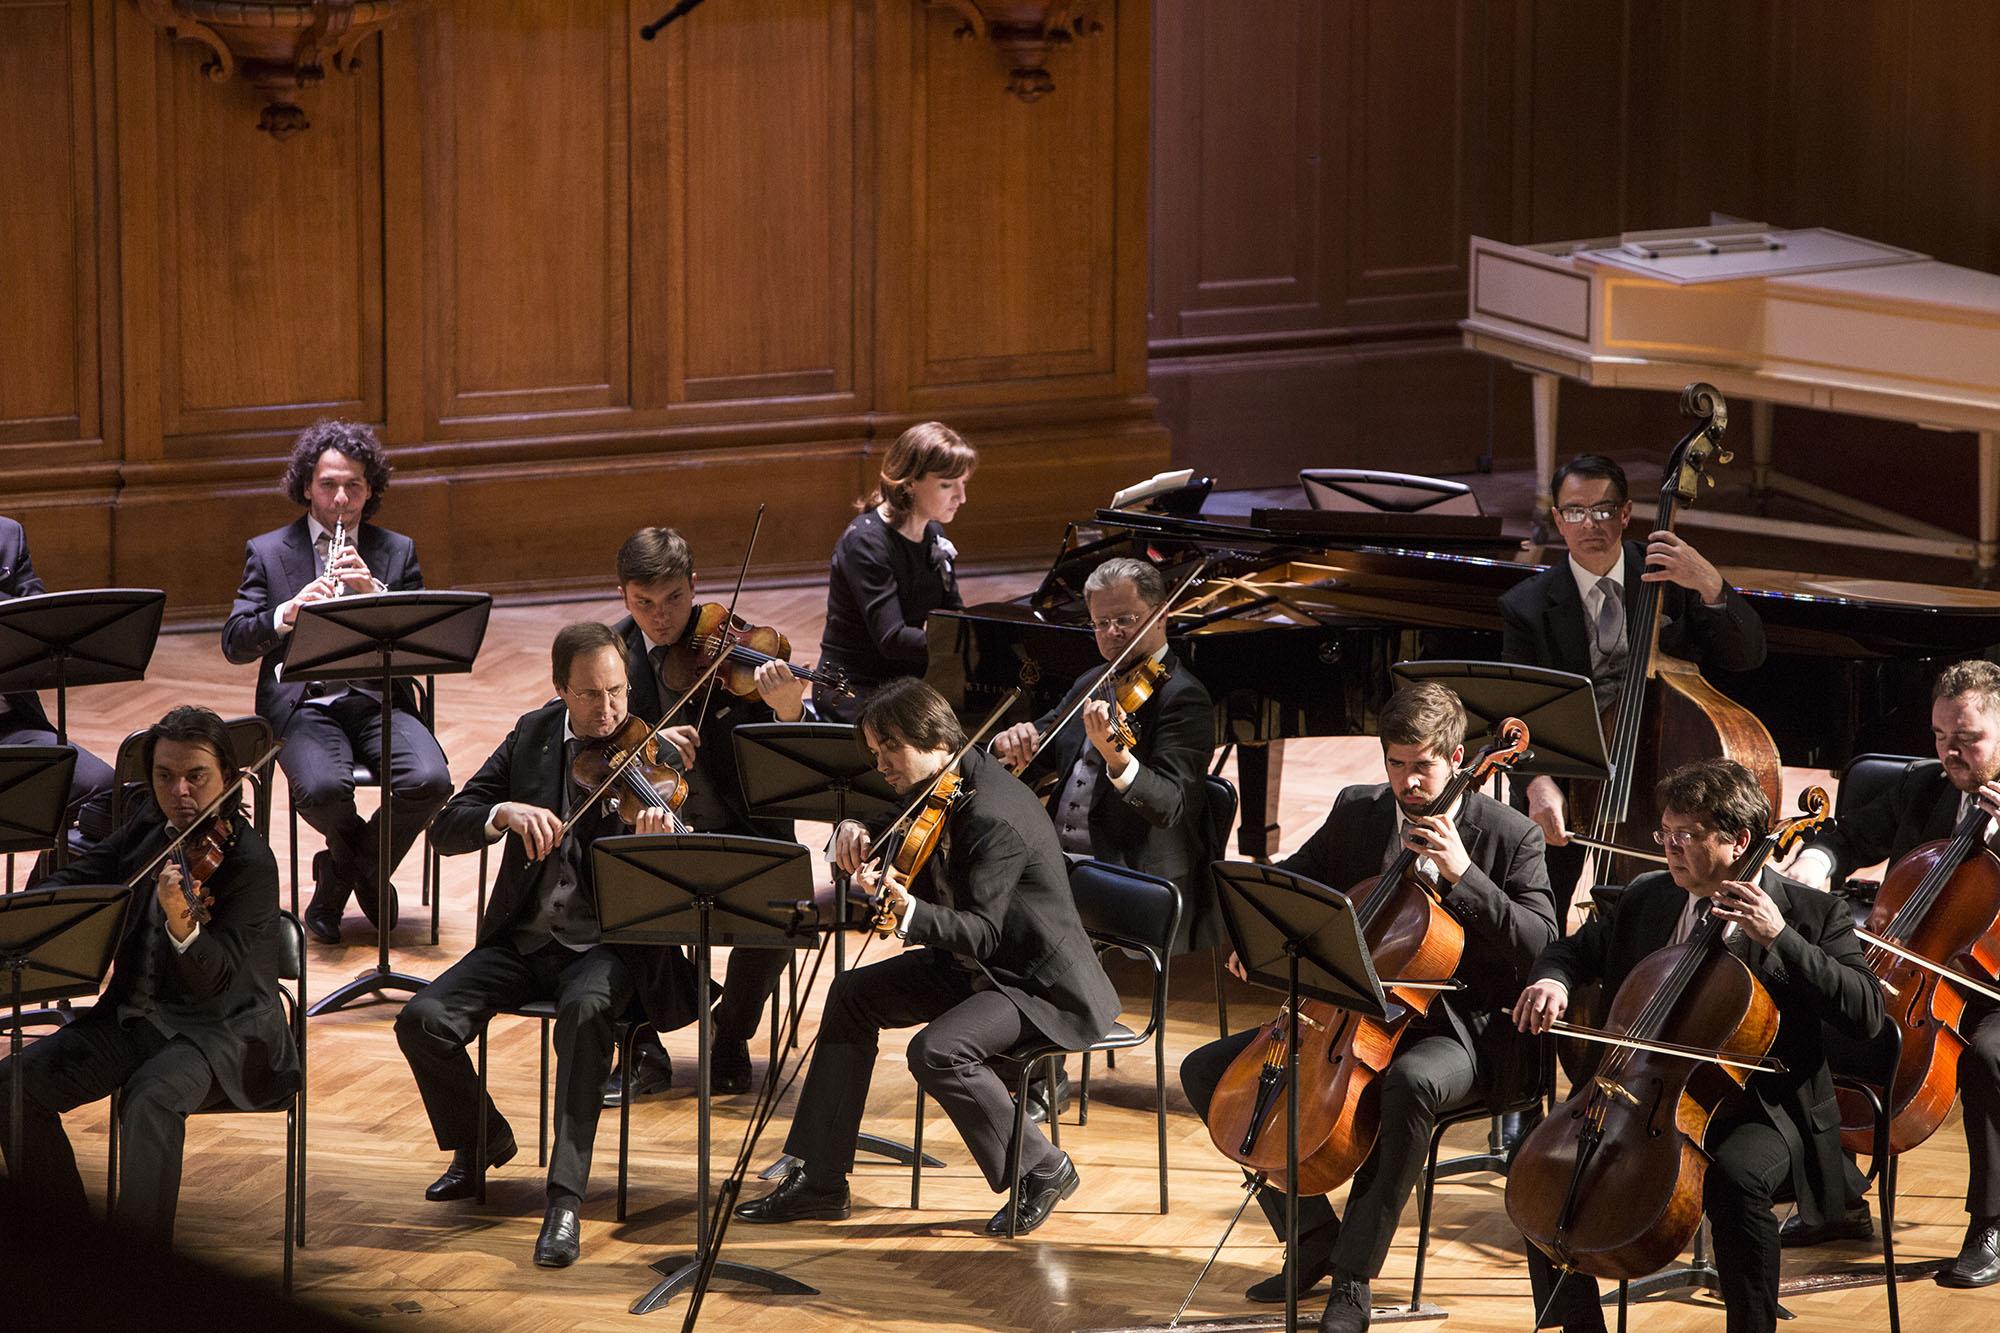 картинки камерного оркестра оборками, блуза